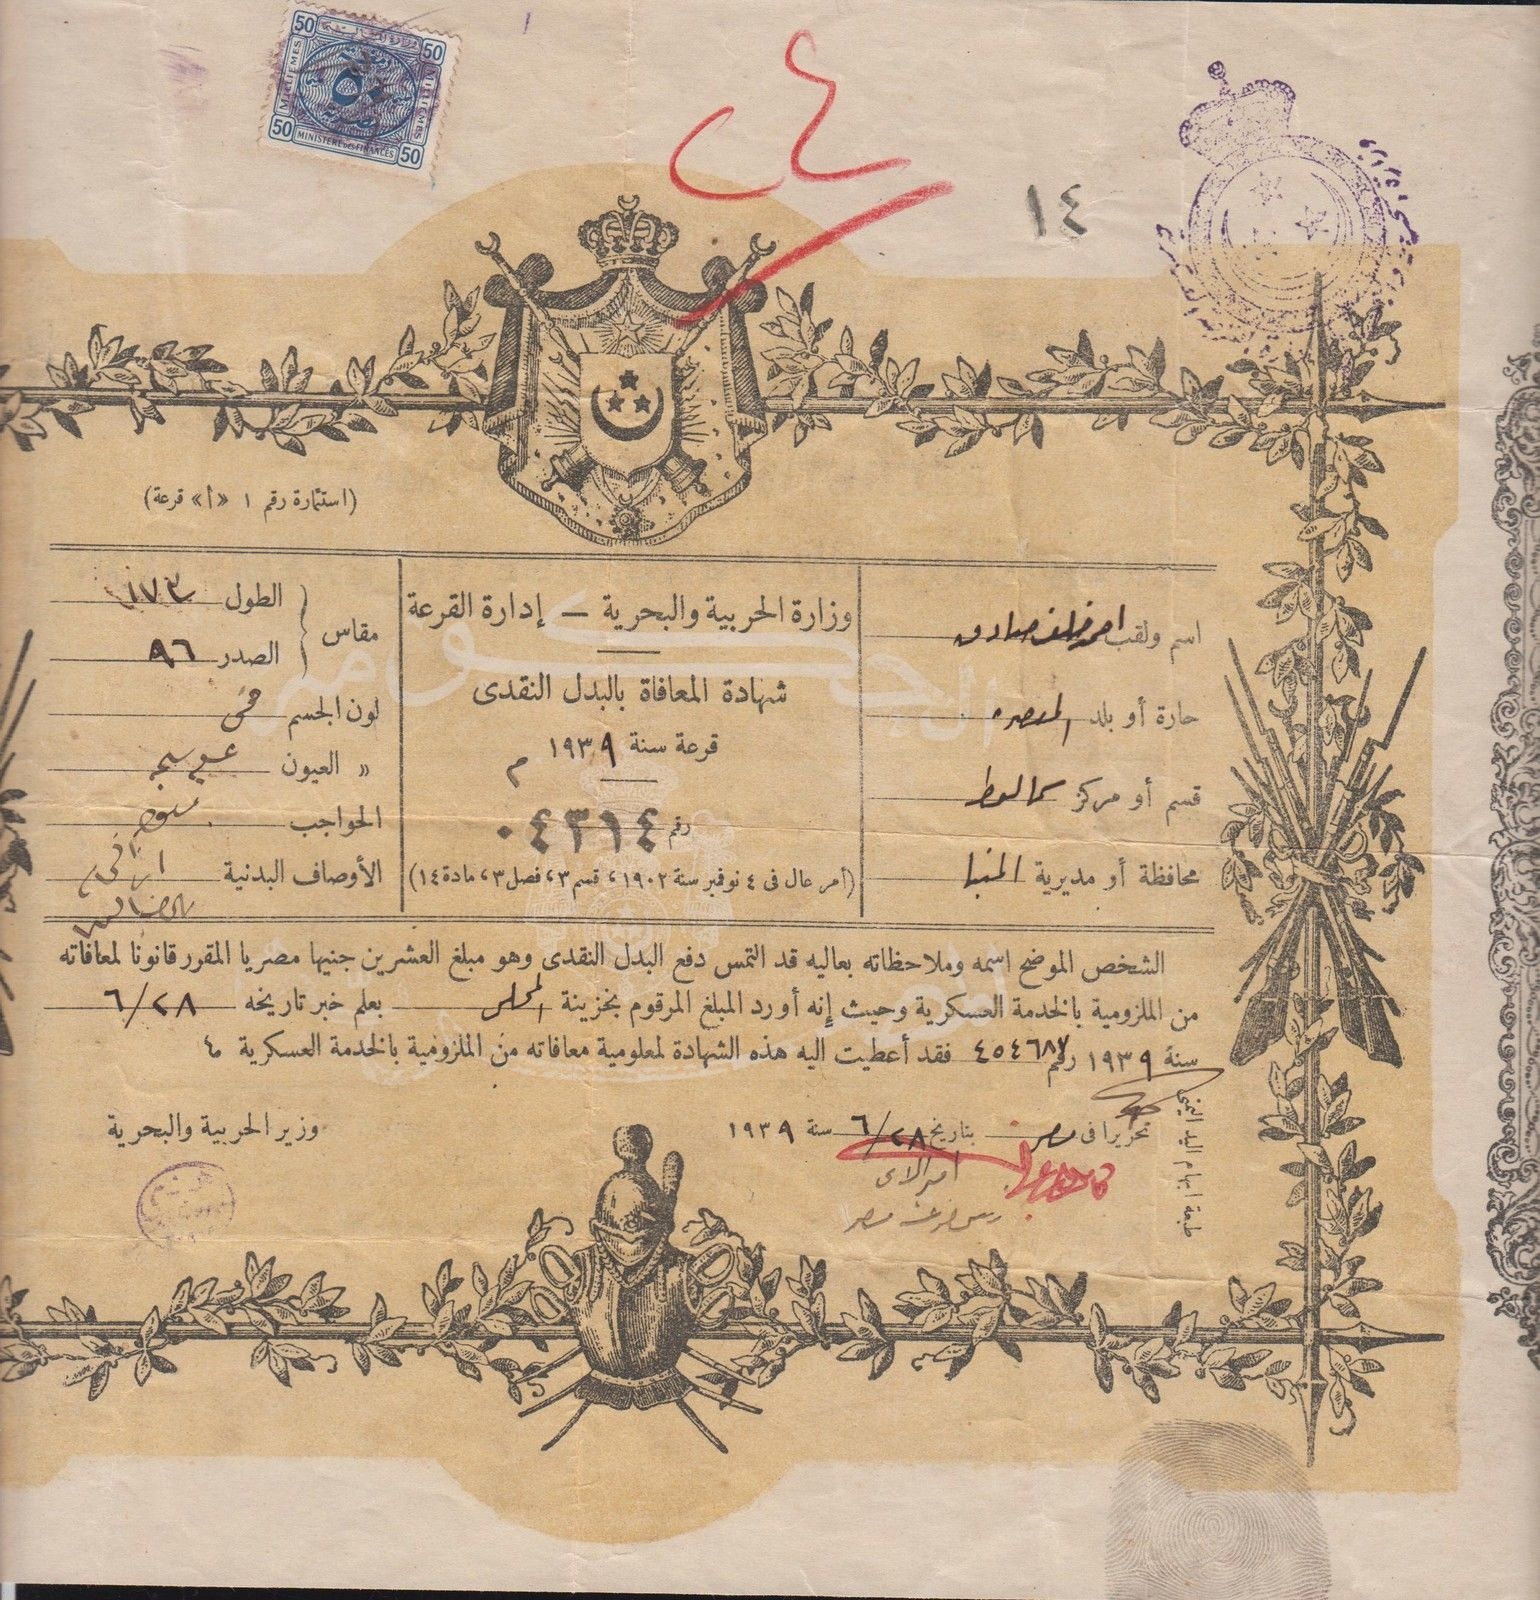 Egyptian Military Exemption Certificate 1939 Egypt History Egypt Art Life In Egypt